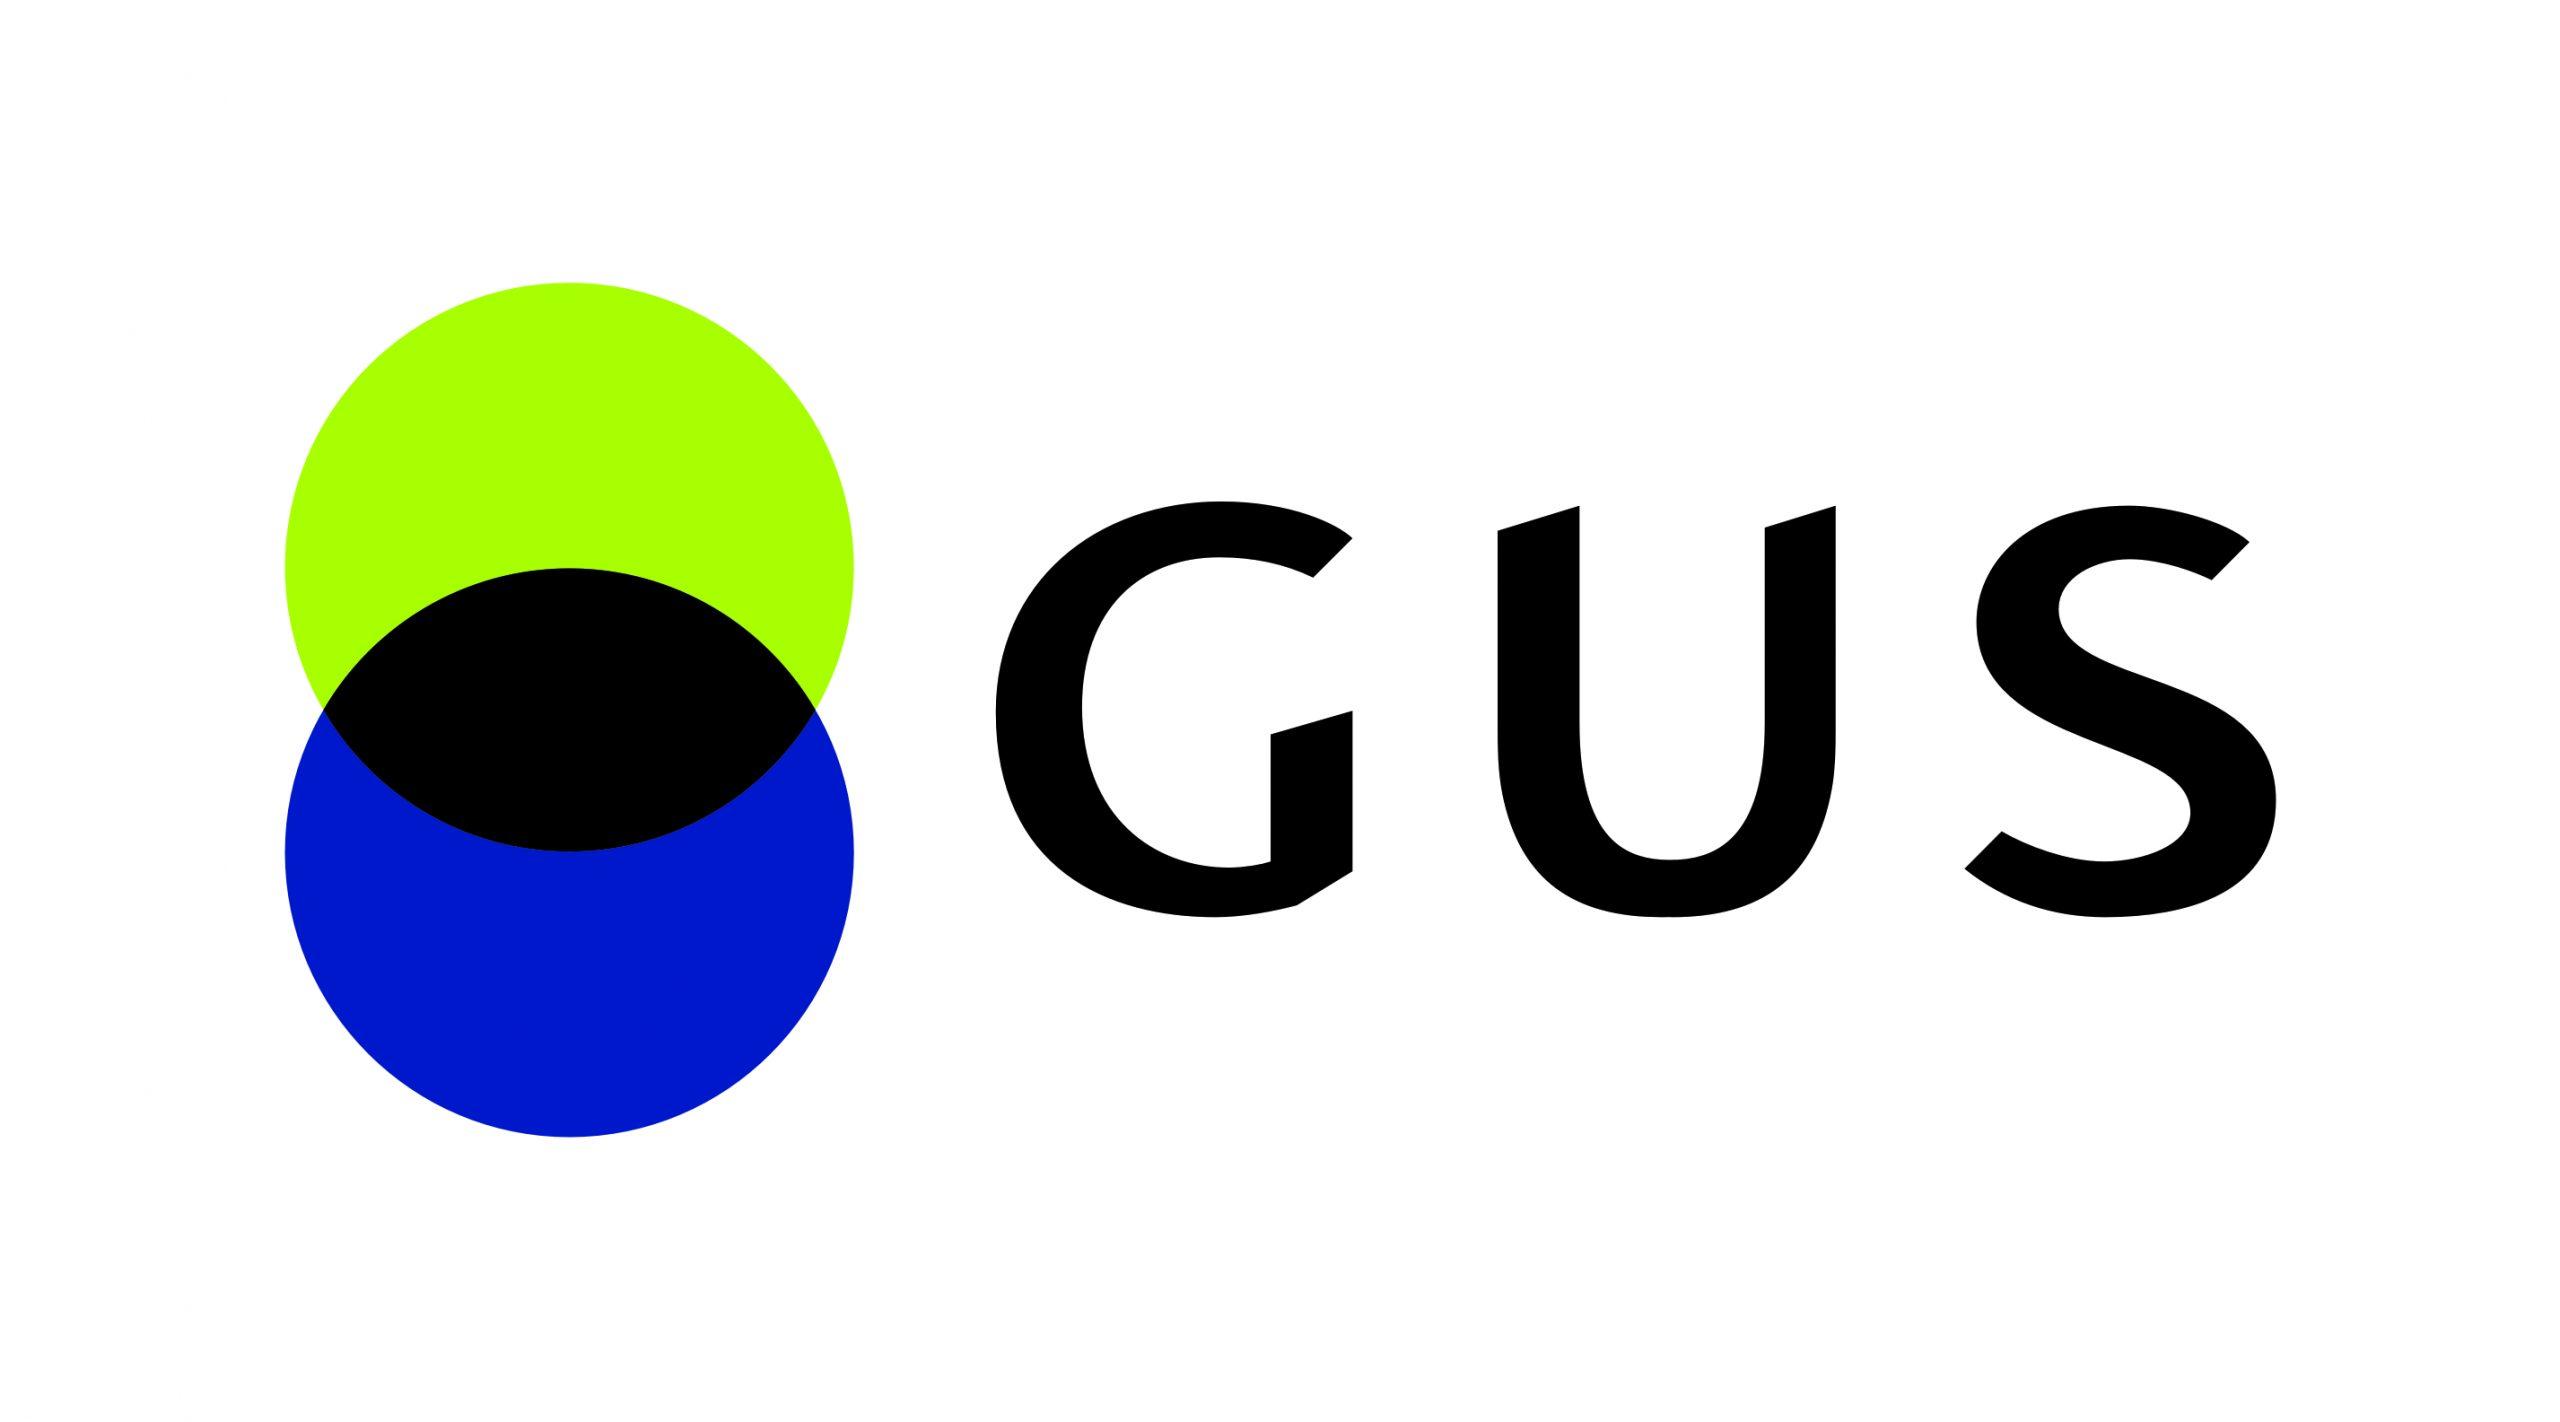 Po lewej stronie symbol graficzny: dwa koła nakładające się na siebie. Obok, po prawej stronie napis GUS, skrót od Głównego Urzędu Statystycznego